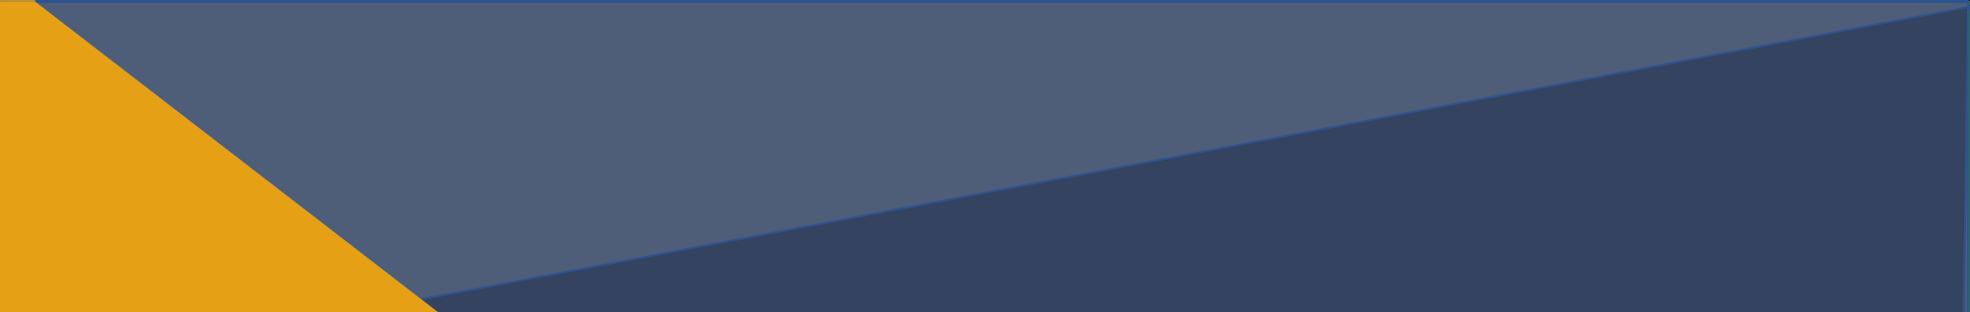 OneTeam Banner